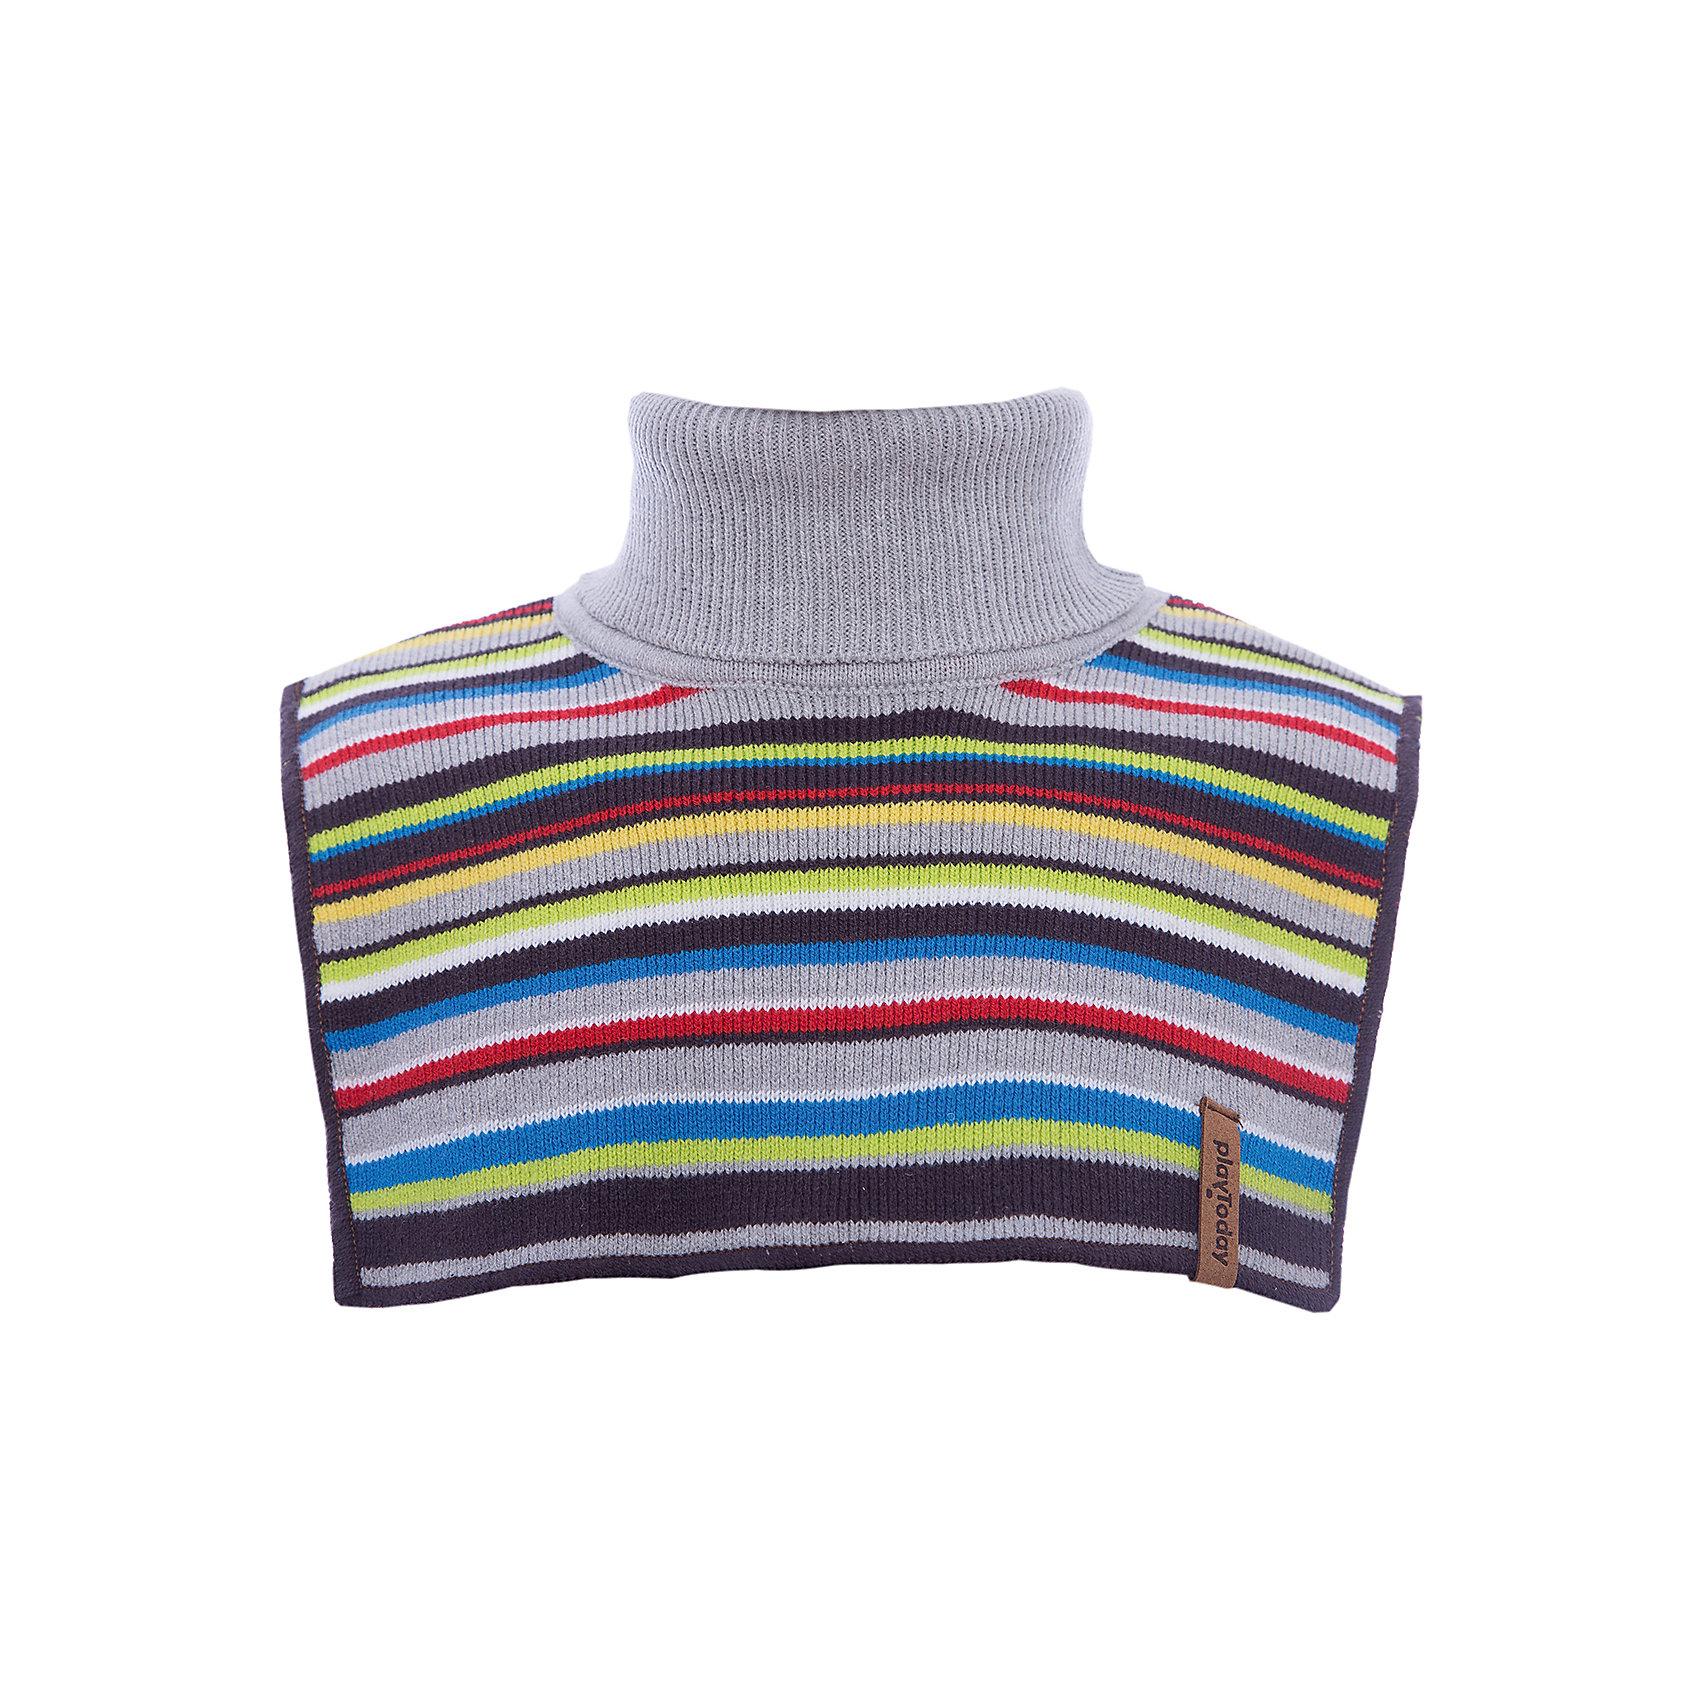 Манишка PlayToday для мальчикаВерхняя одежда<br>Манишка PlayToday для мальчика<br>Воротник - манишка - отличная альтернатива шарфу. Модель хорошо закрывает горло, спинку и грудь ребенка. За счет высокого содержания натурального хлопка, материал воротника не раздражает нежную детскую кожу.  Модель выполнена в технике yarn dyed, в процессе производства используются разного цвета нити. При рекомендуемом уходе изделие не линяет и надолго остается в первоначальном виде.<br>Состав:<br>60% хлопок, 40% акрил<br><br>Ширина мм: 88<br>Глубина мм: 155<br>Высота мм: 26<br>Вес г: 106<br>Цвет: белый<br>Возраст от месяцев: 6<br>Возраст до месяцев: 9<br>Пол: Мужской<br>Возраст: Детский<br>Размер: 46,48<br>SKU: 7109830